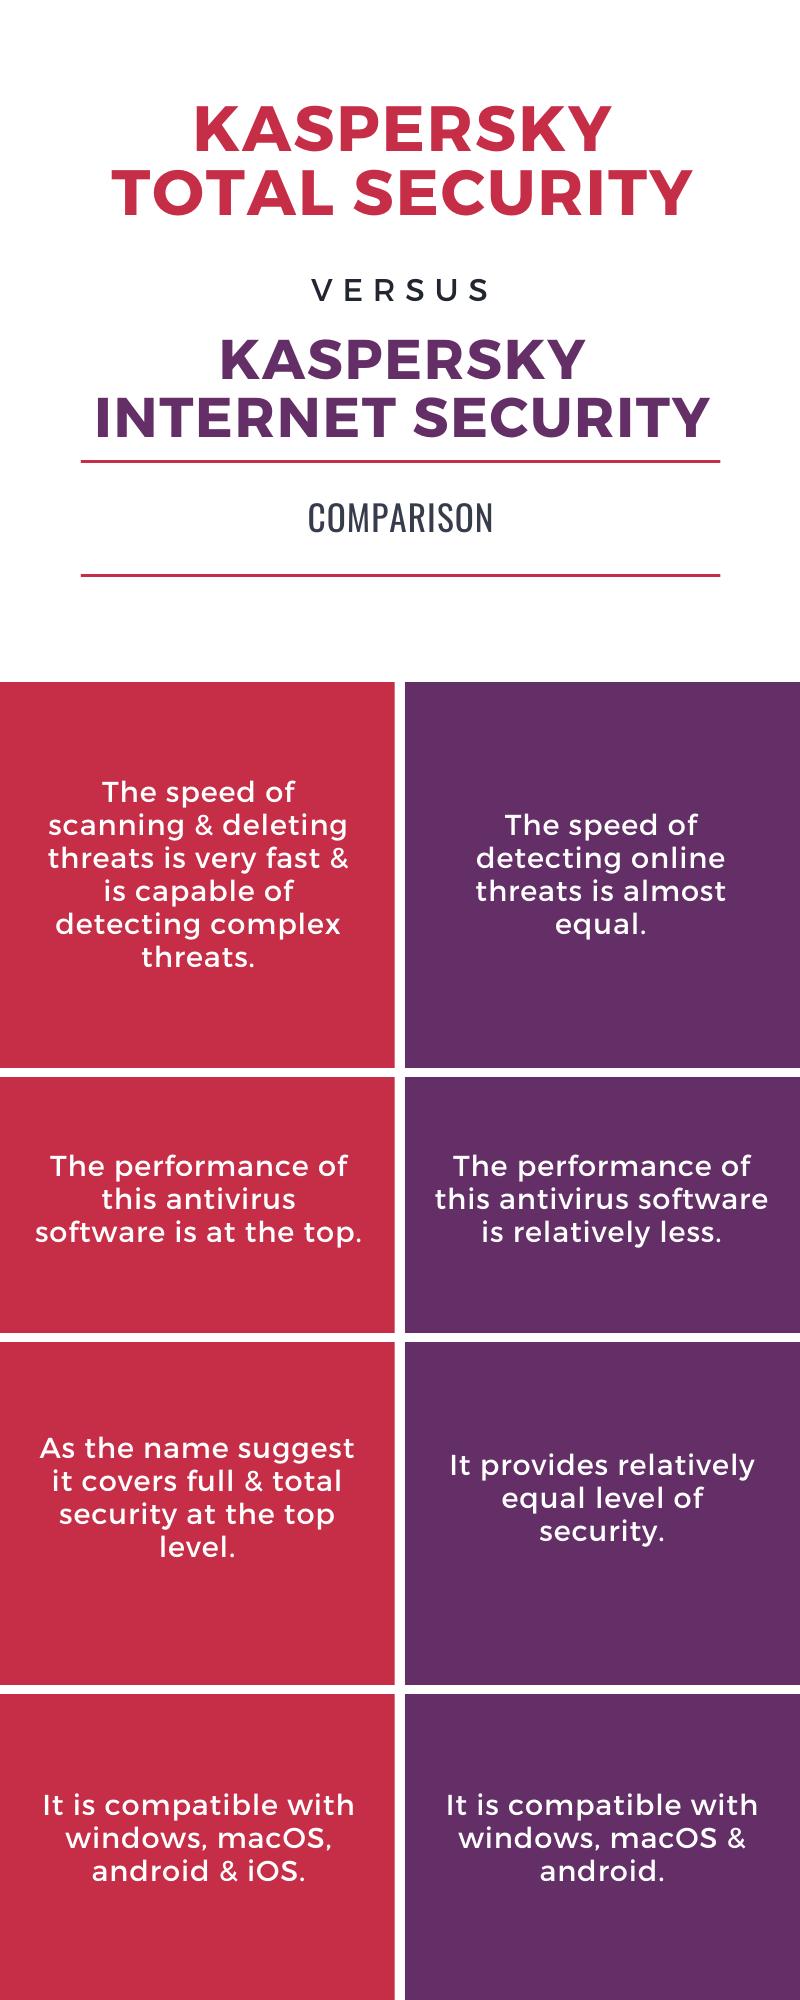 Total security v internet security